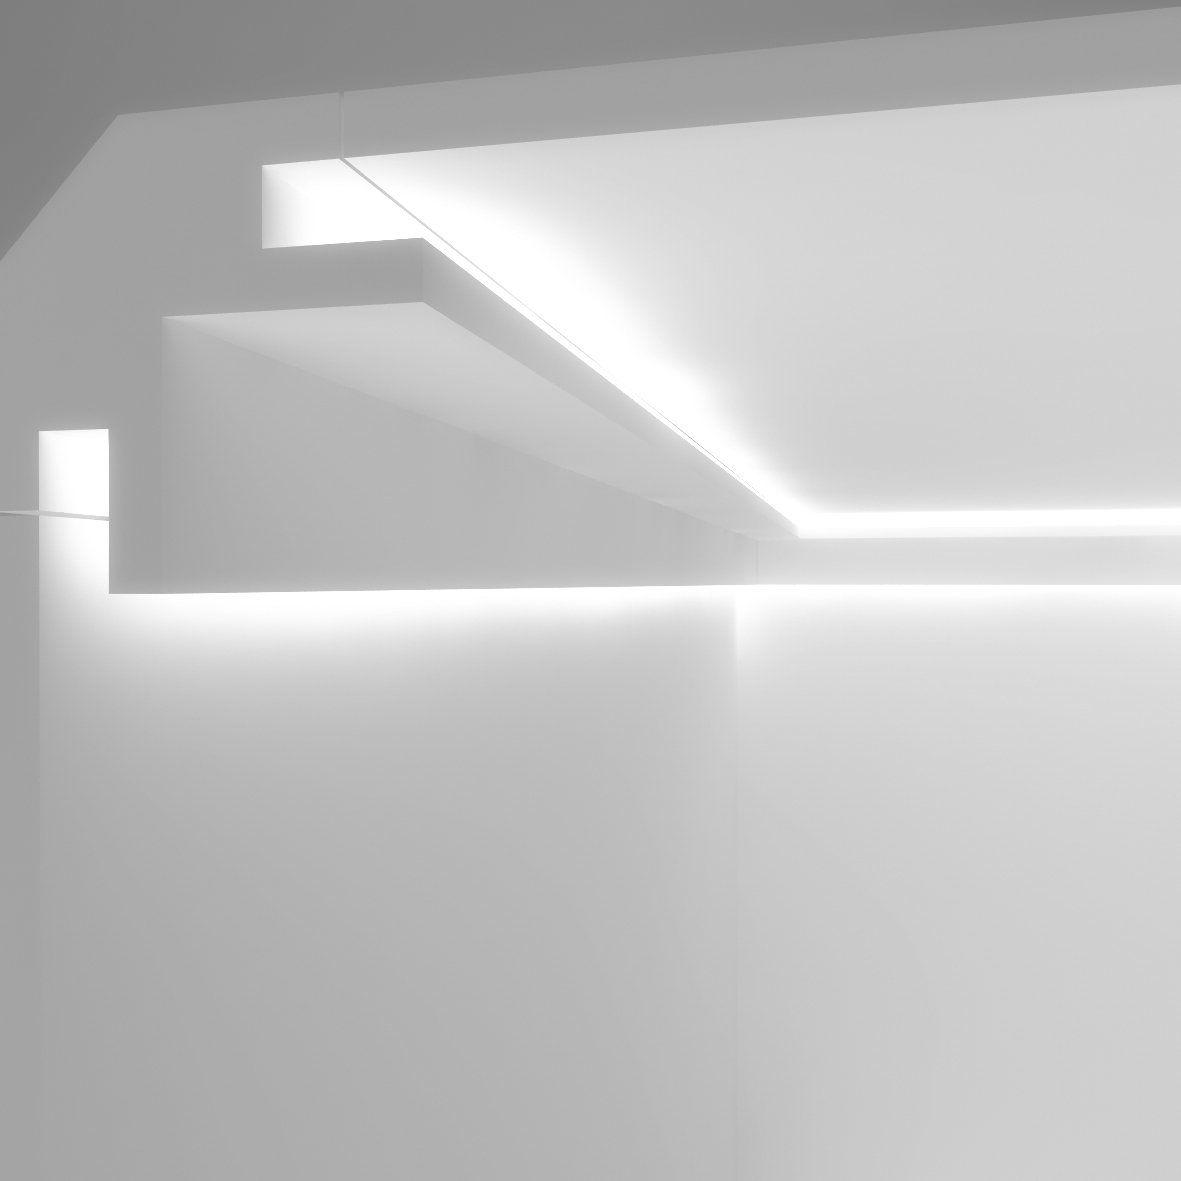 Eccezionale Cornice per illuminazione indiretta led a parete e soffitto IZ64